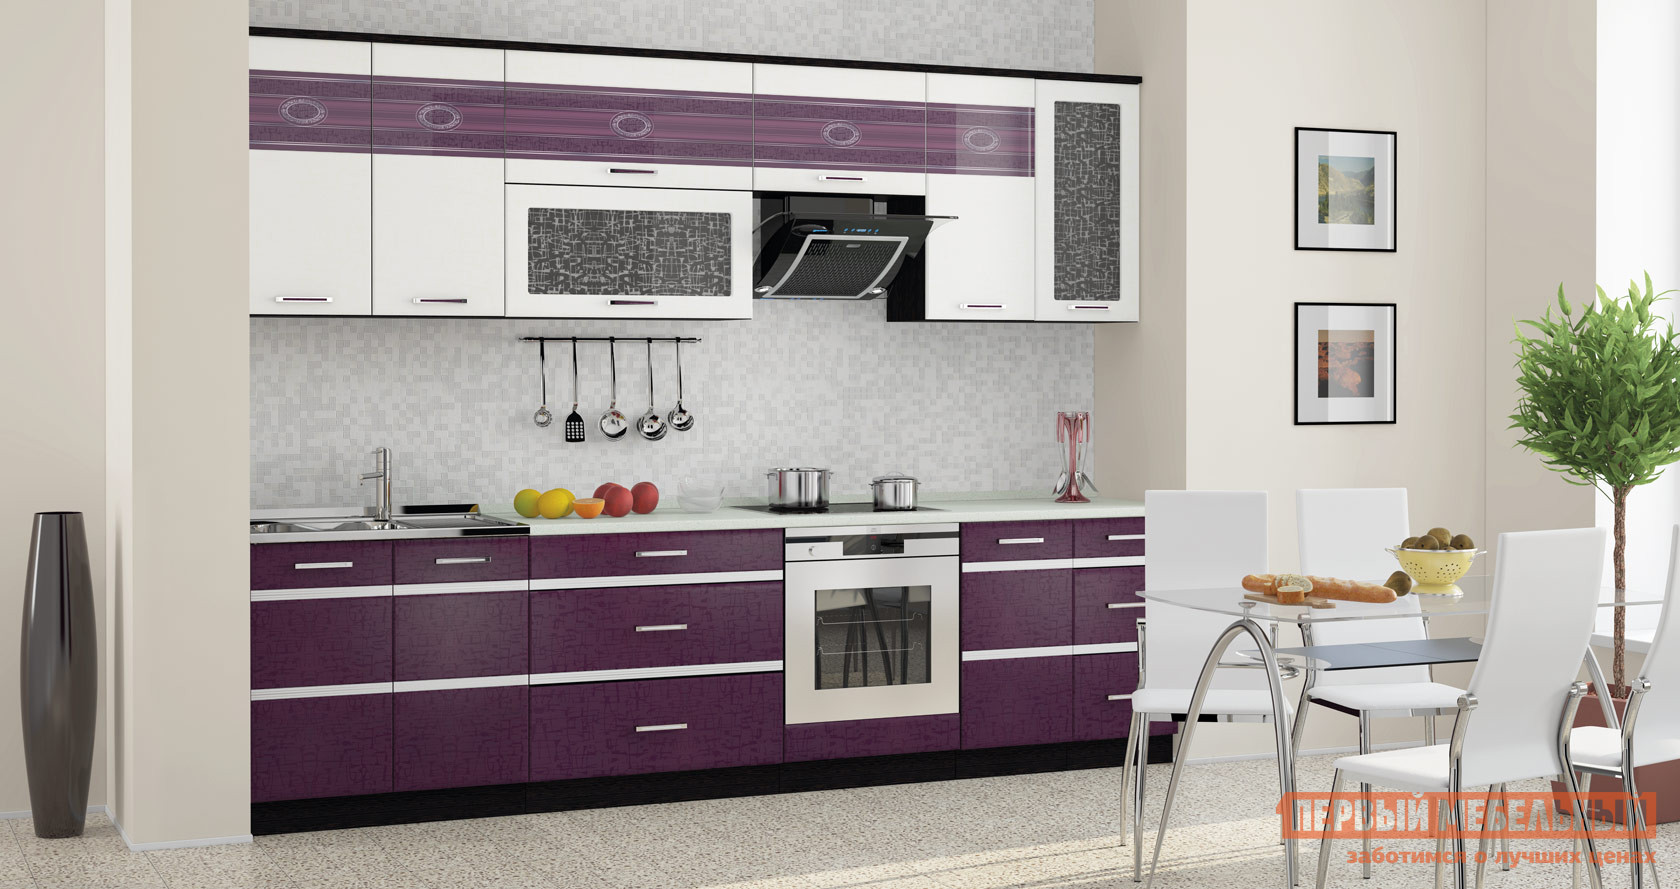 Комплект мебели для кухни Витра Палермо 300 кухонный гарнитур витра палермо 300 2